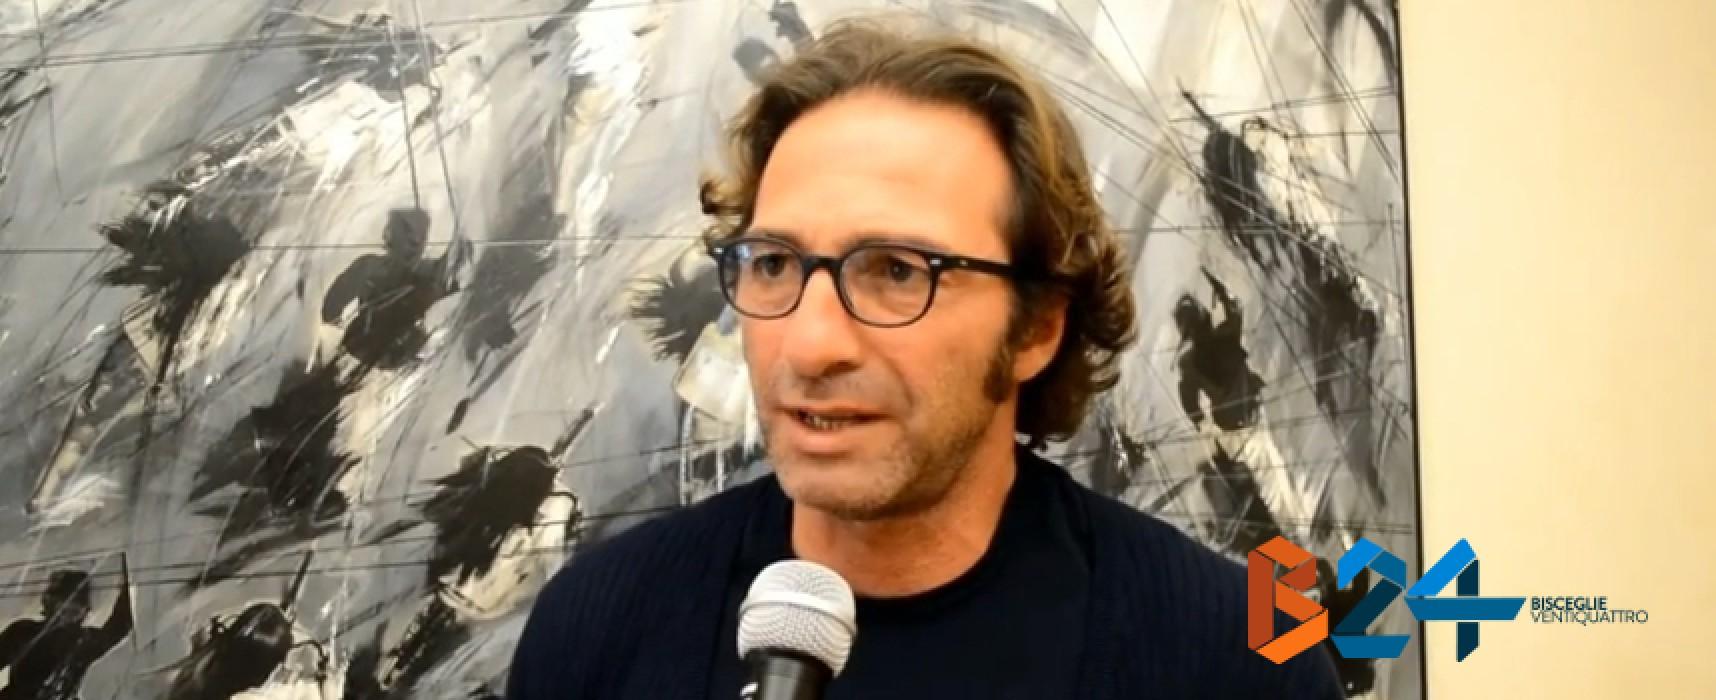 """Casella replica a Spina in merito al processo per diffamazione: """"Non esistono processi scontati"""""""